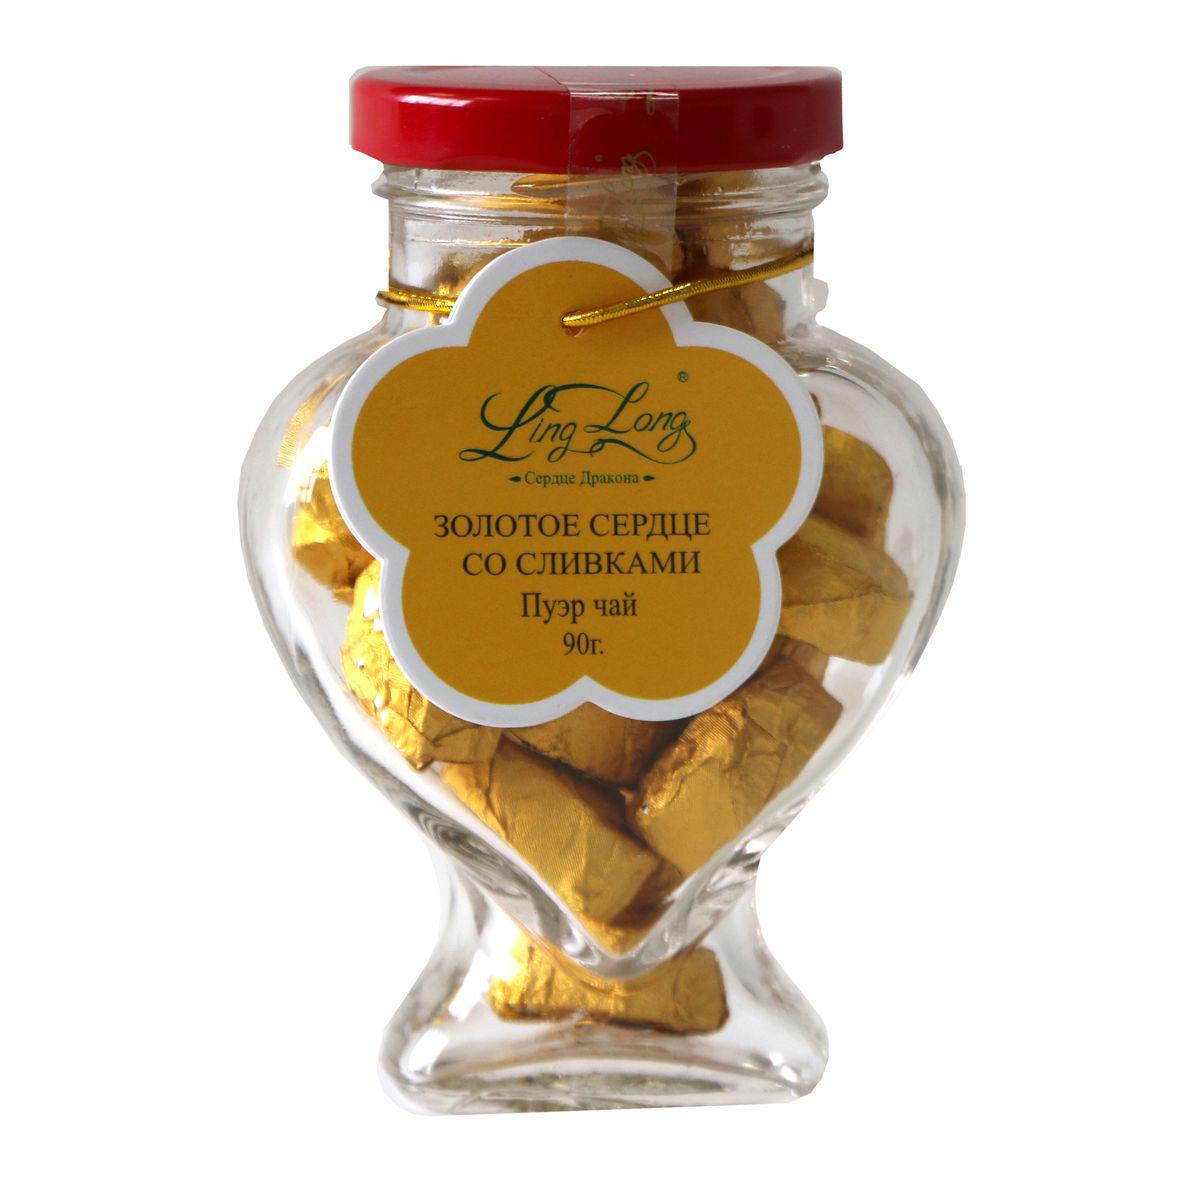 Ling Long Золотое сердце со сливками черный листовой чай пуэр, 90 г (стеклянная банка)бая112рЧай черный Пуэр байховый китайский крупнолистовой Ling Long Золотое сердце с ароматом сливок. Спрессован в форме сердечек. Такой чай станет отличным подарком друзьям или близким.